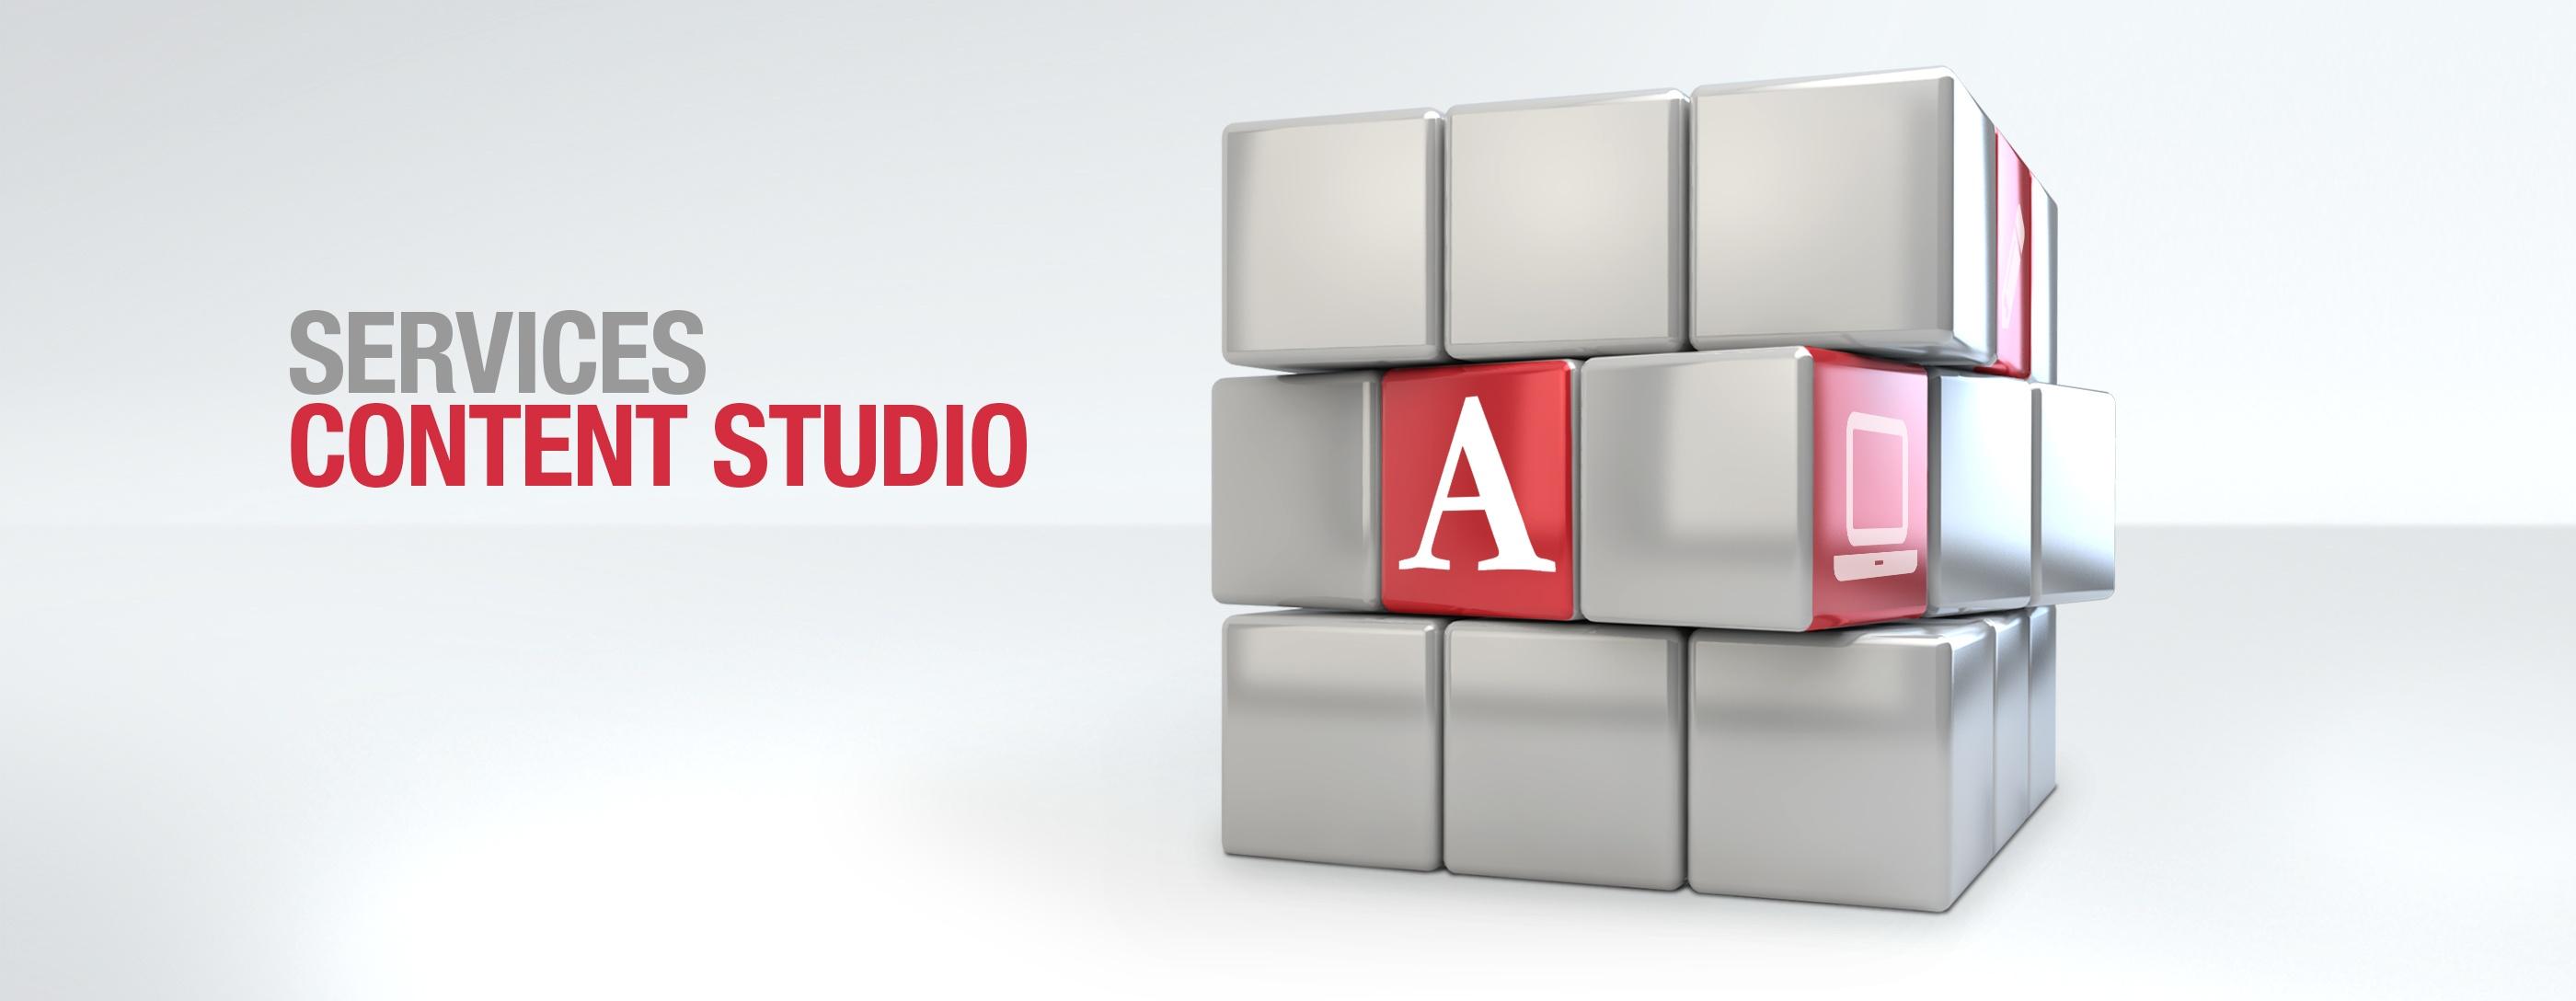 140408_Leistungen_Content_studio_EN.jpg